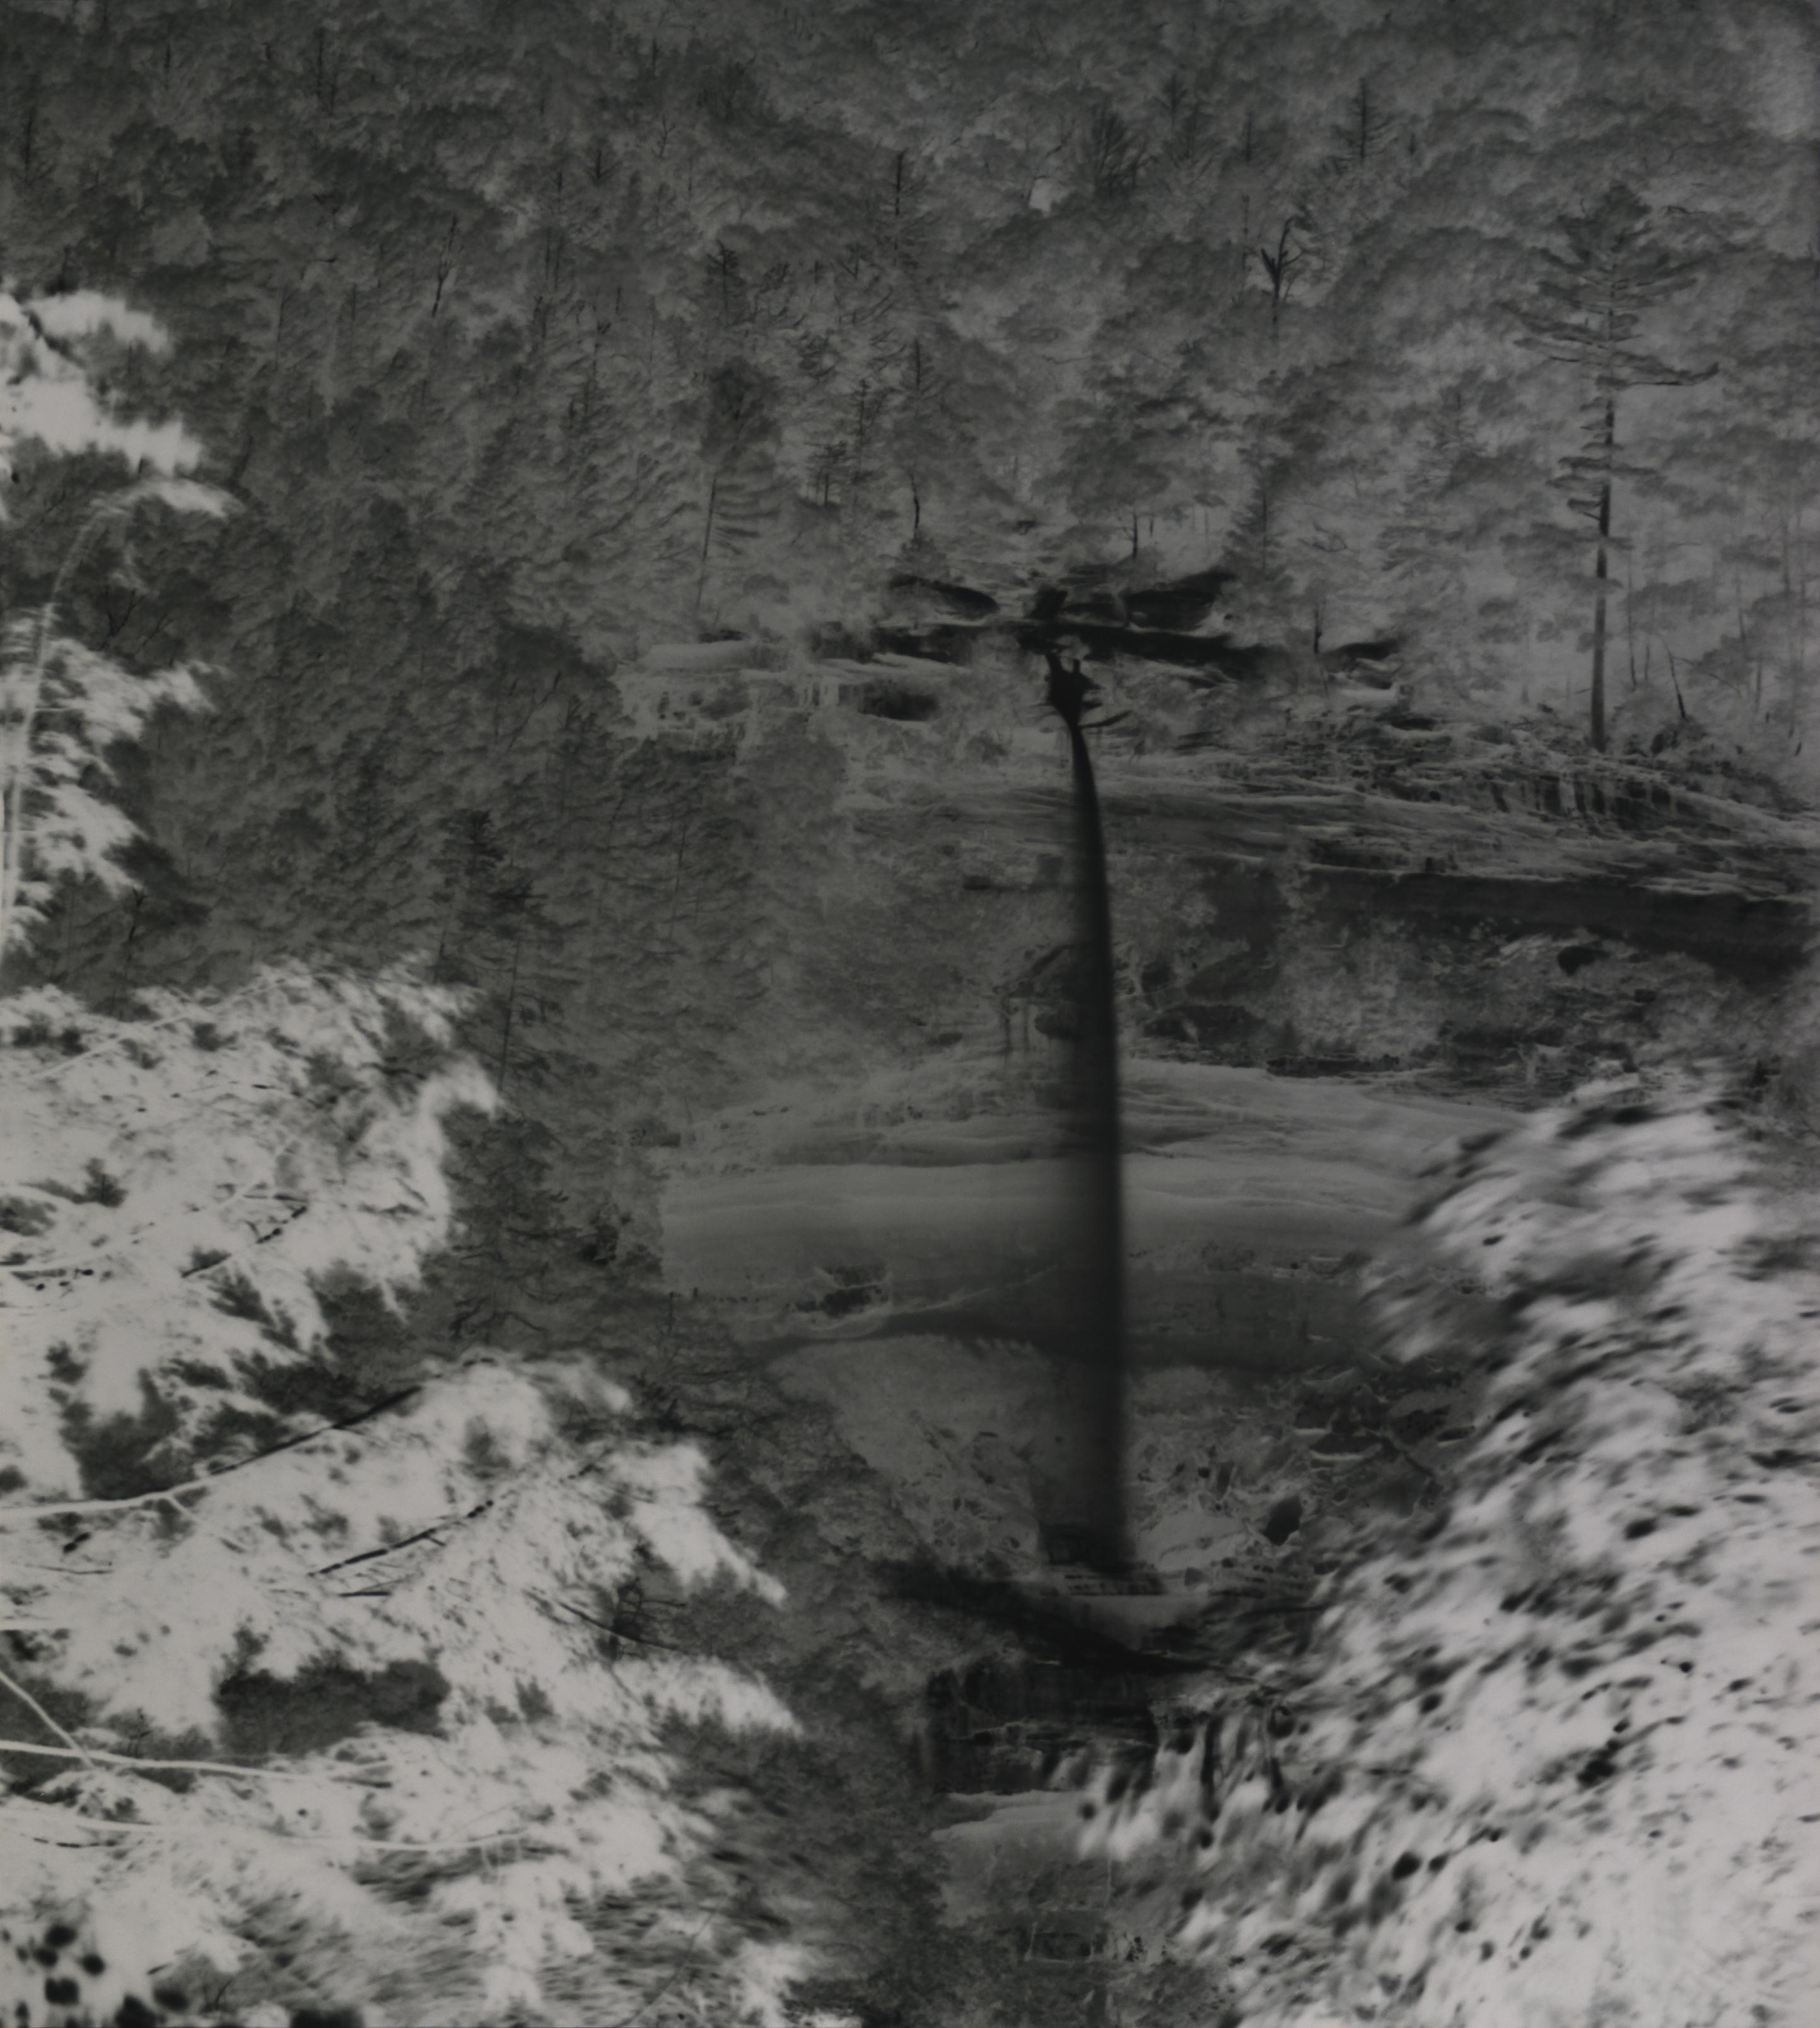 Shi Guorui, 'Kaaterskill Falls, Catskill Mountains, New York,' 2019.